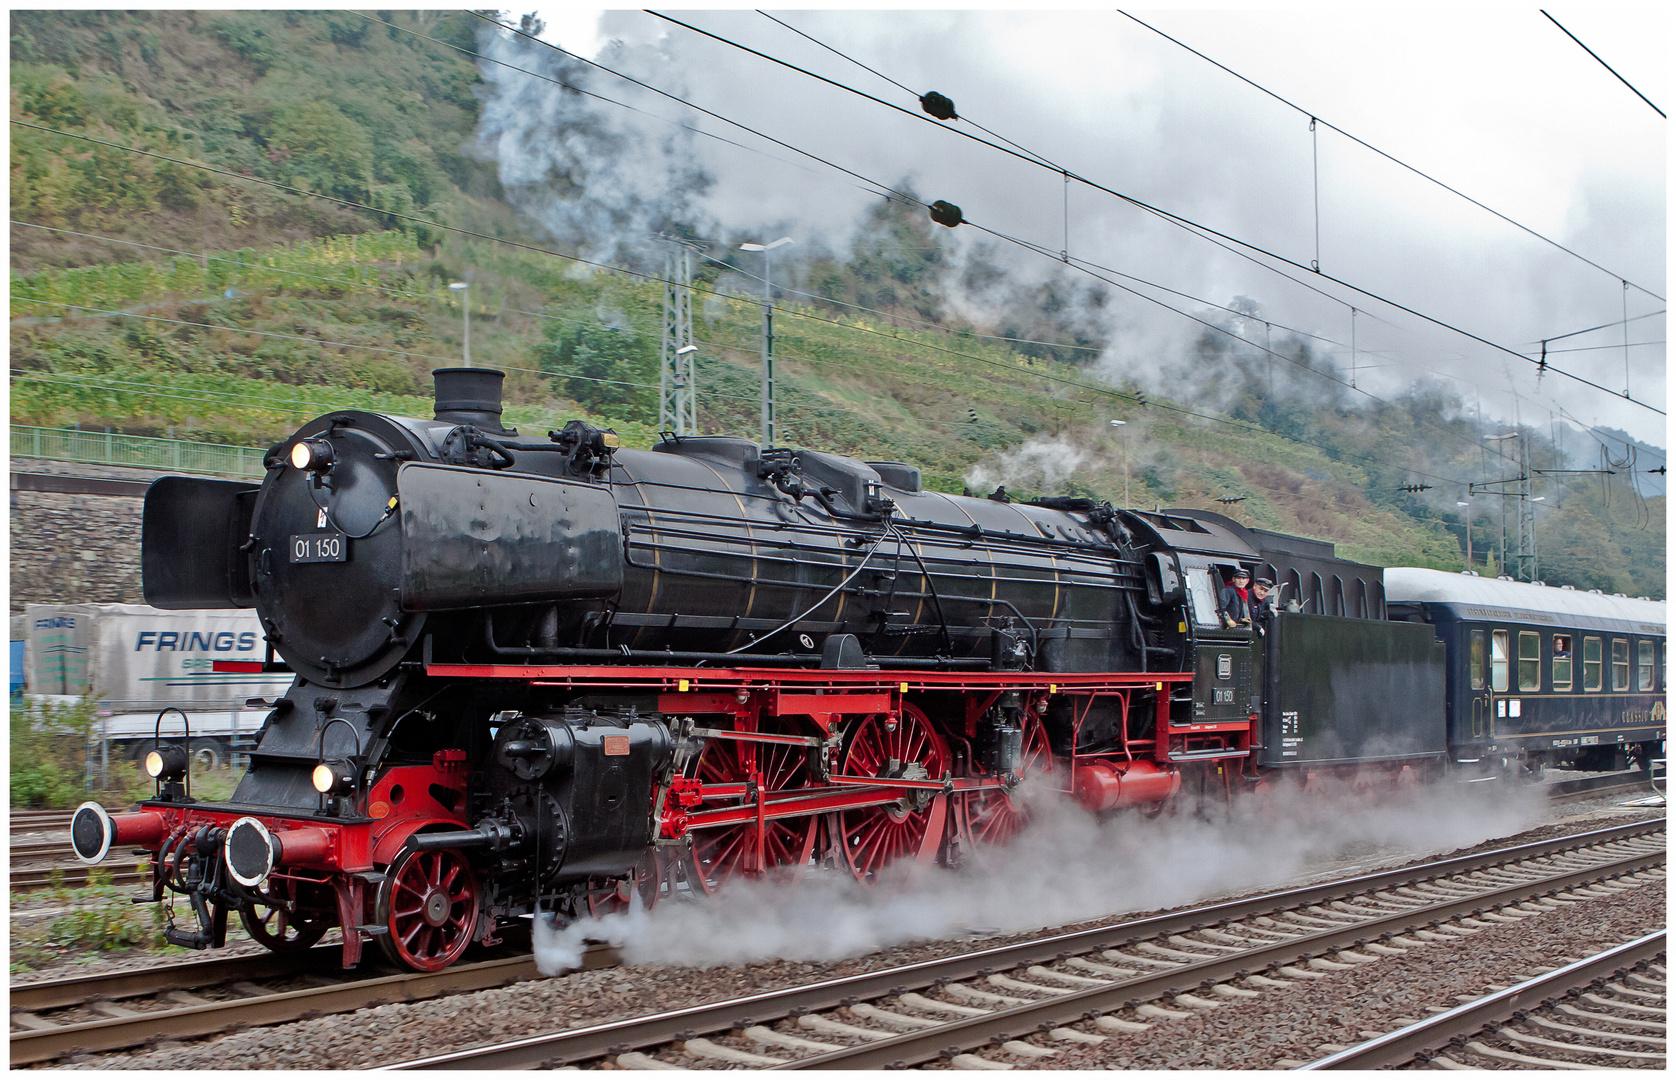 01 150 bei Linz am Rhein